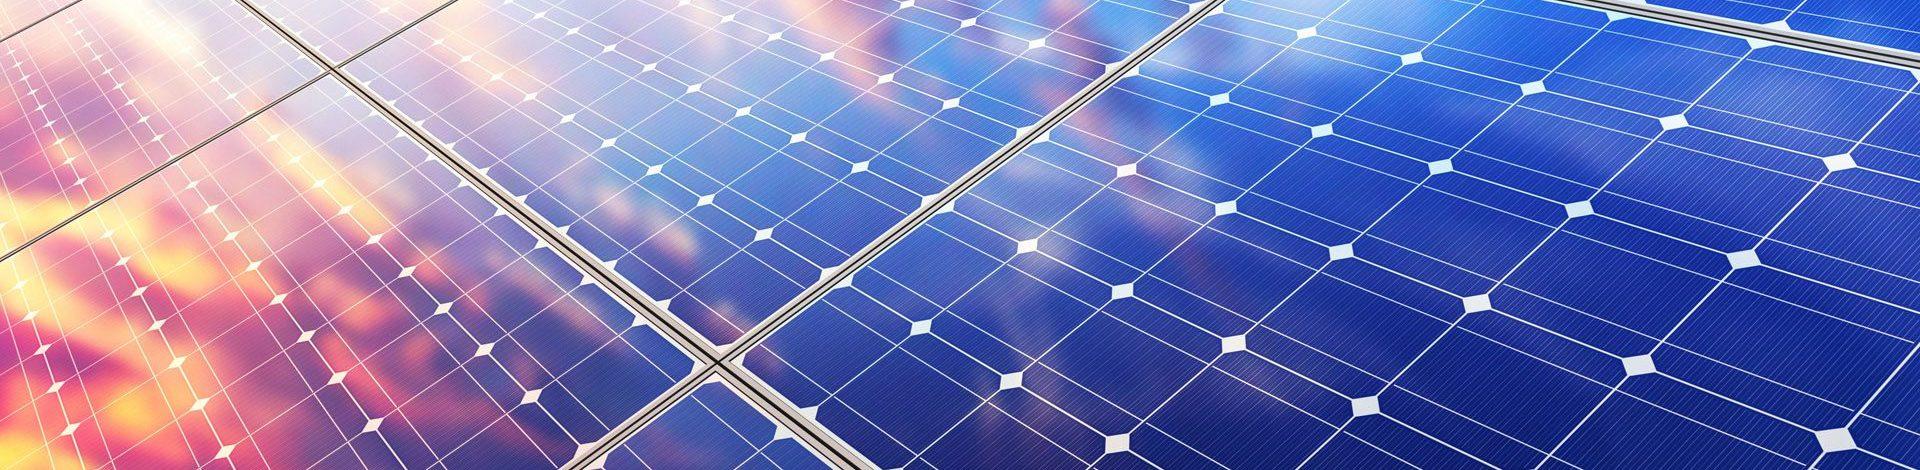 Les différentes étapes d'un chantier photovoltaïque